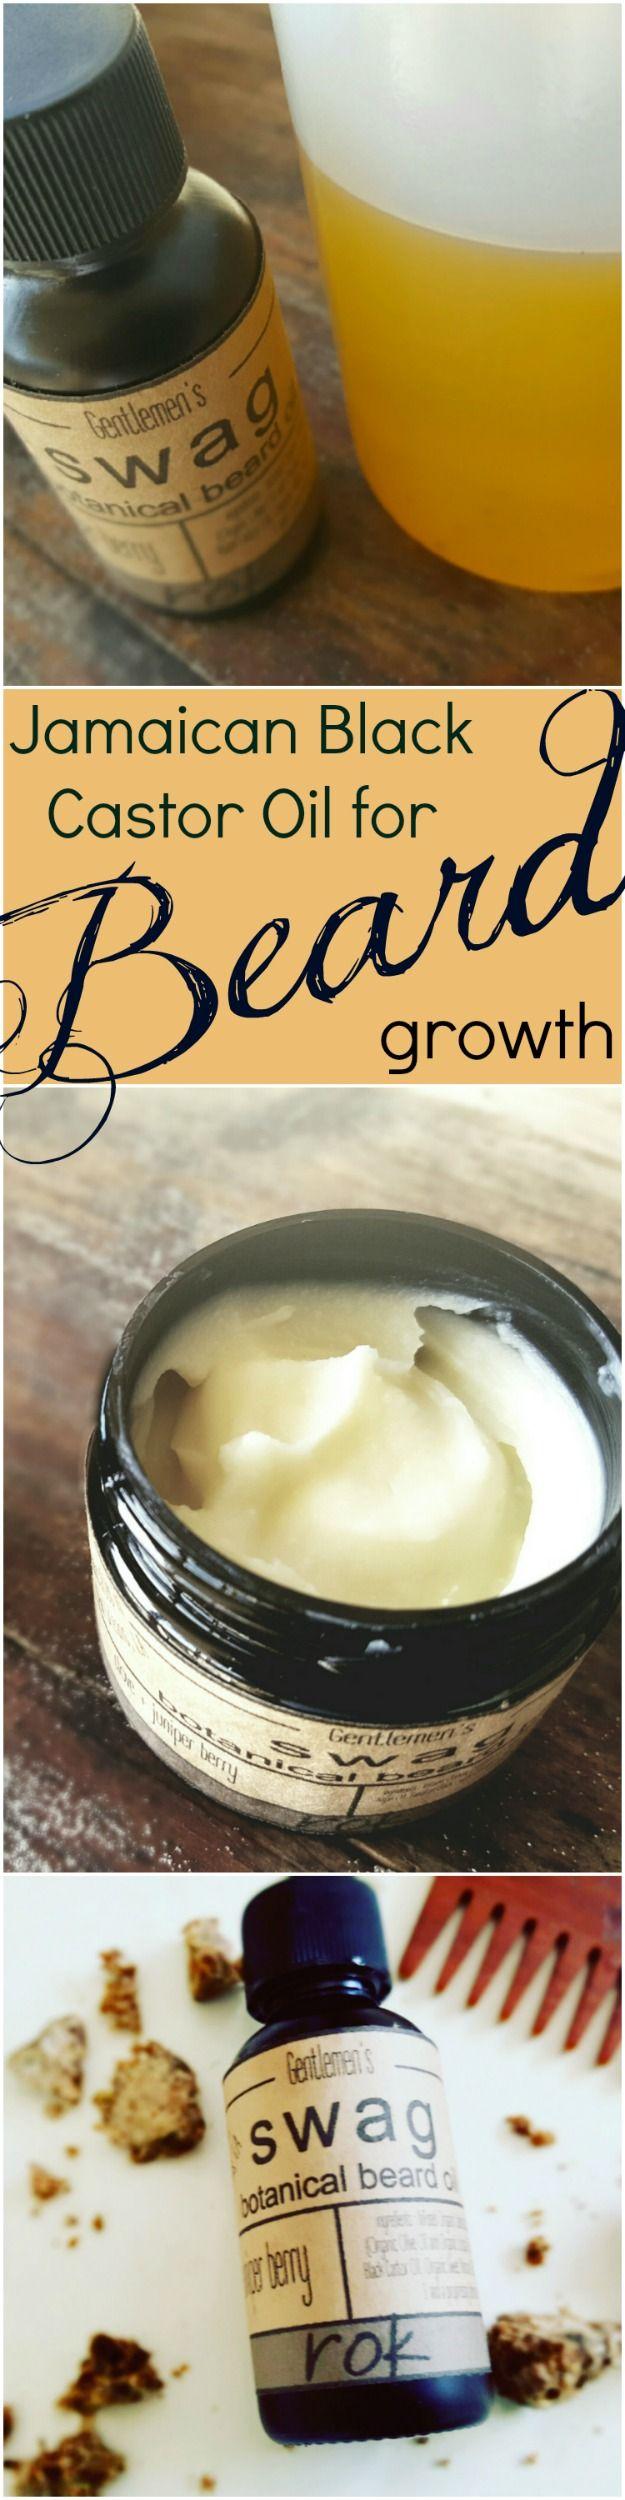 how to grow beard hair